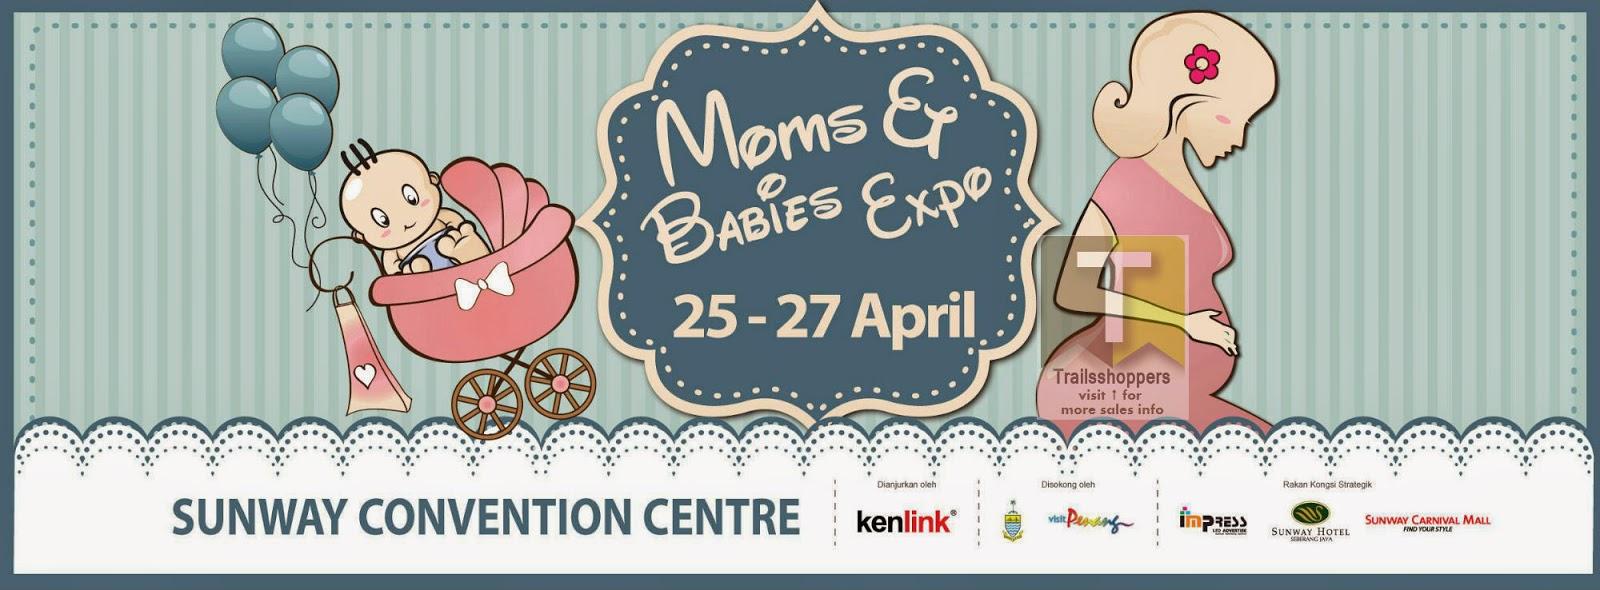 Moms and Babies Expo Penang Malaysia Sunway Carnival